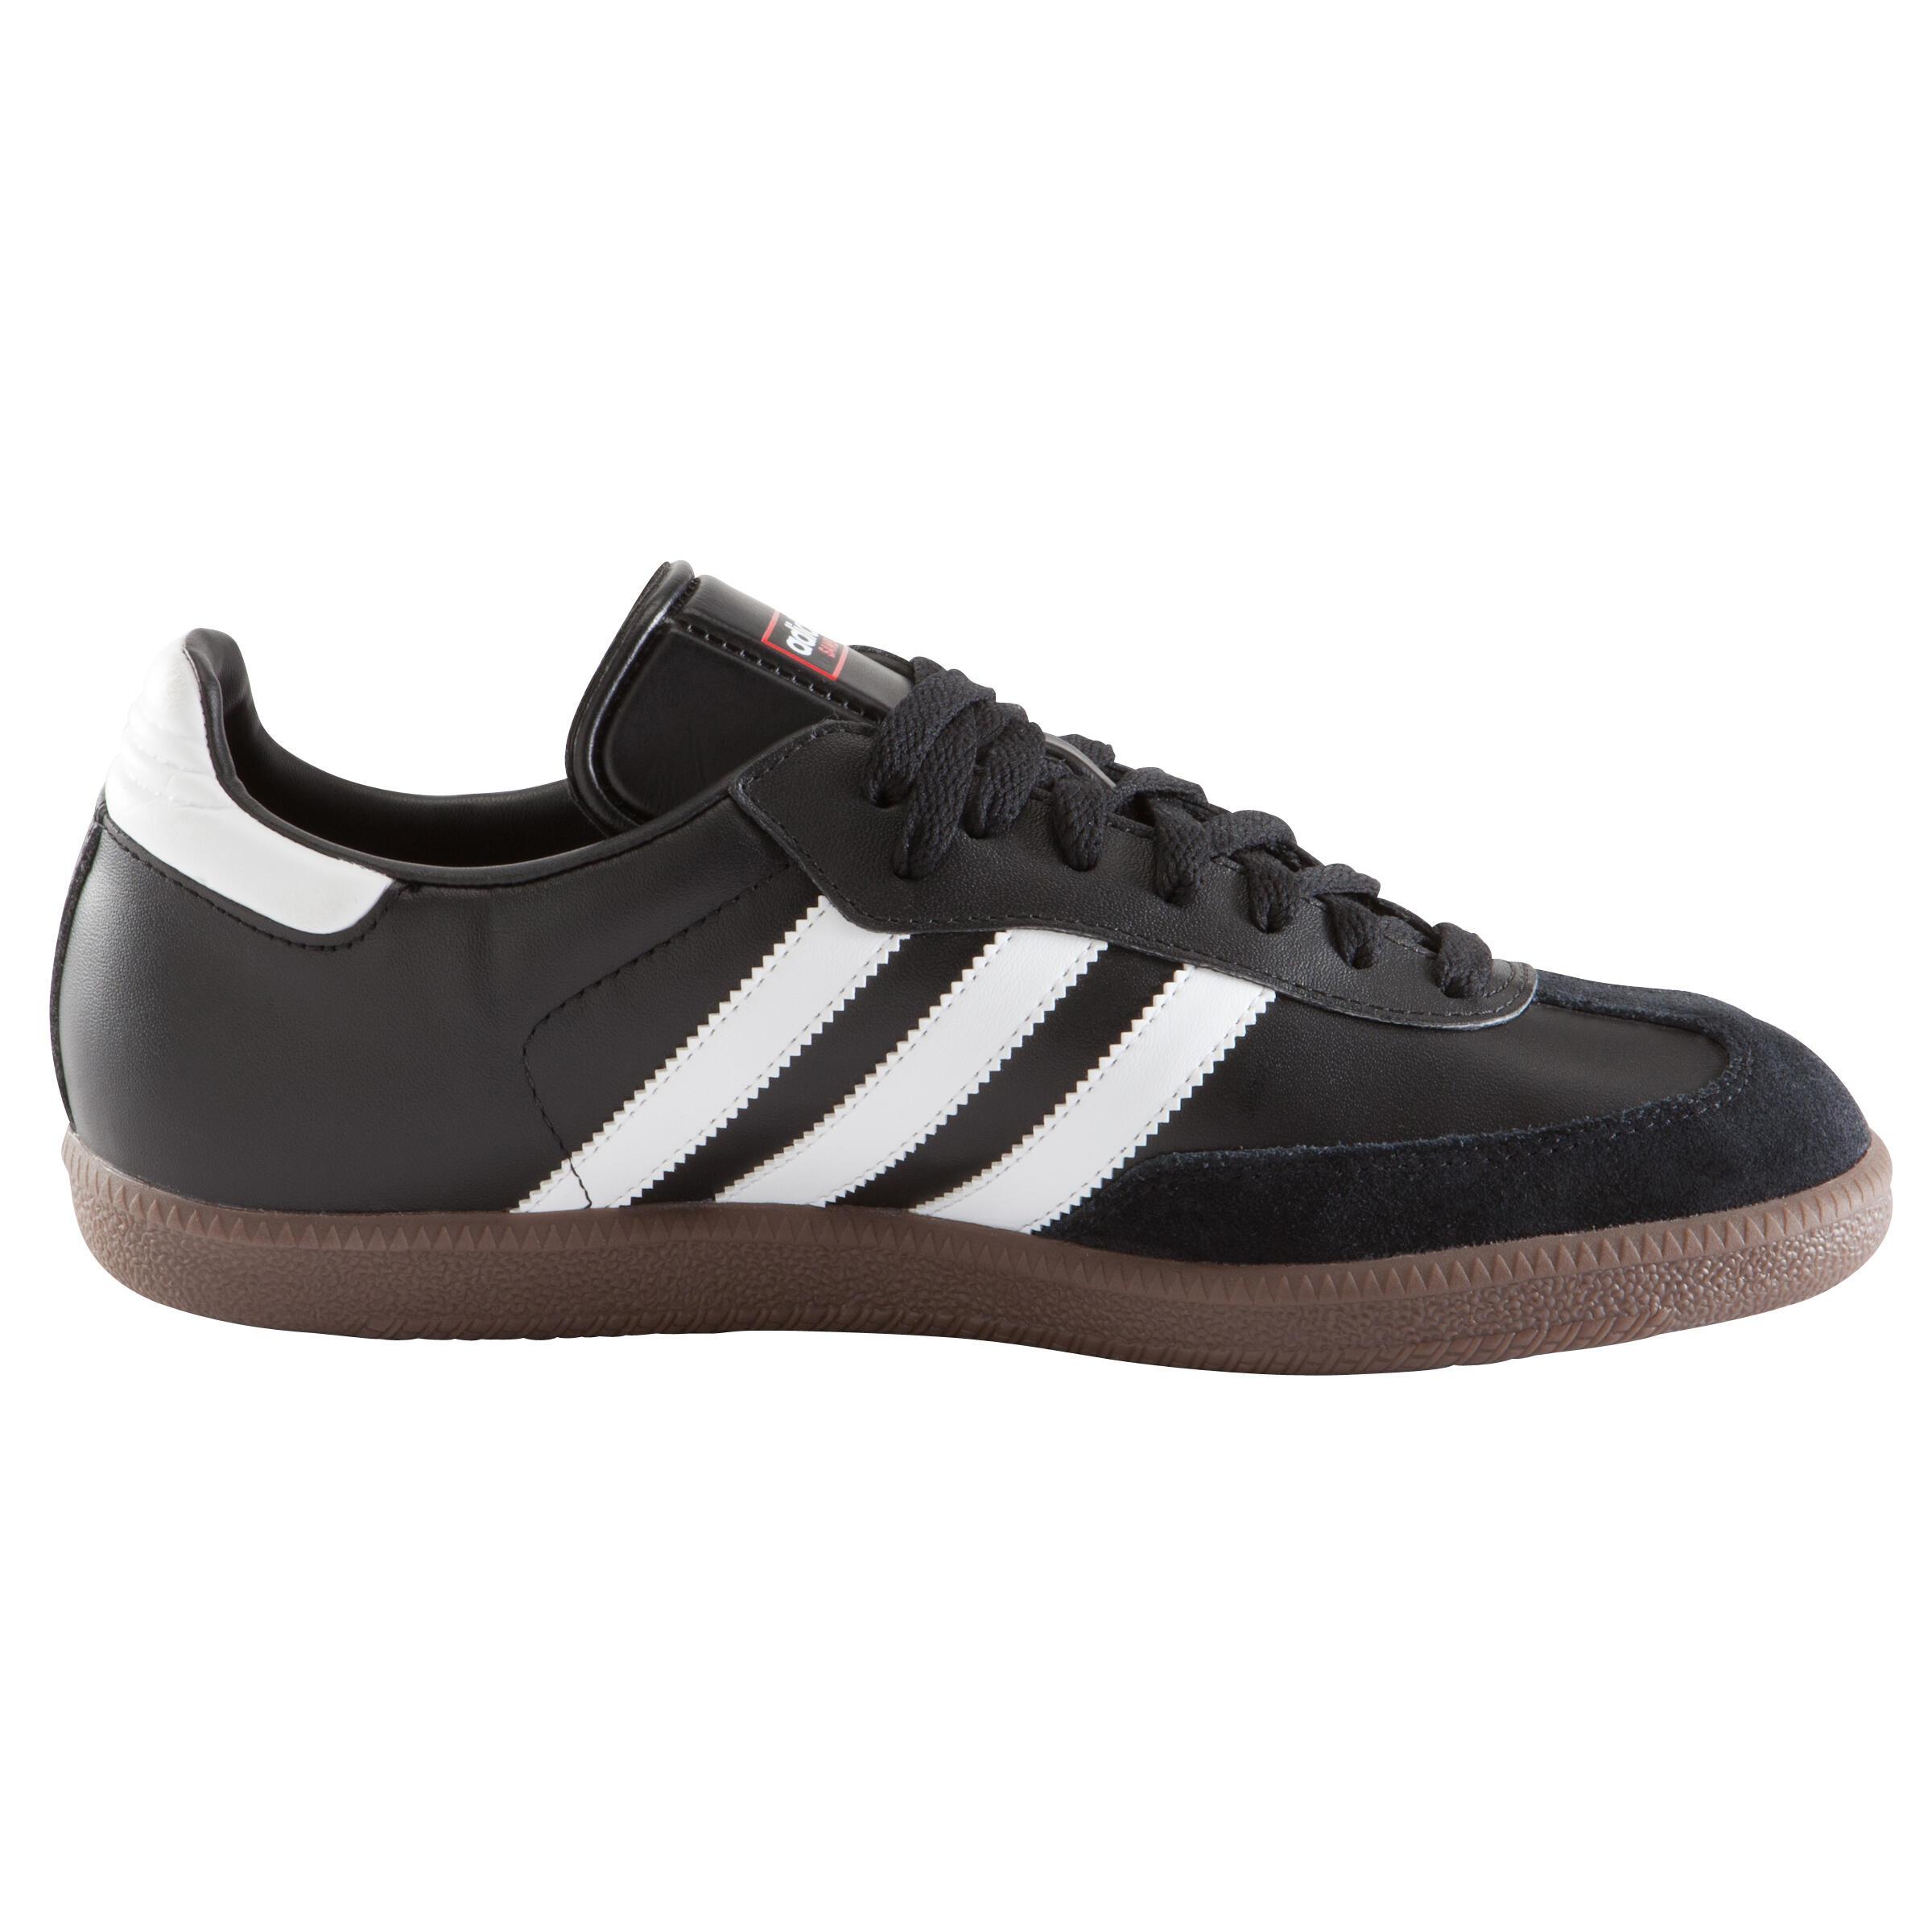 Hallenschuhe Samba Erwachsene schwarz | Schuhe | Adidas